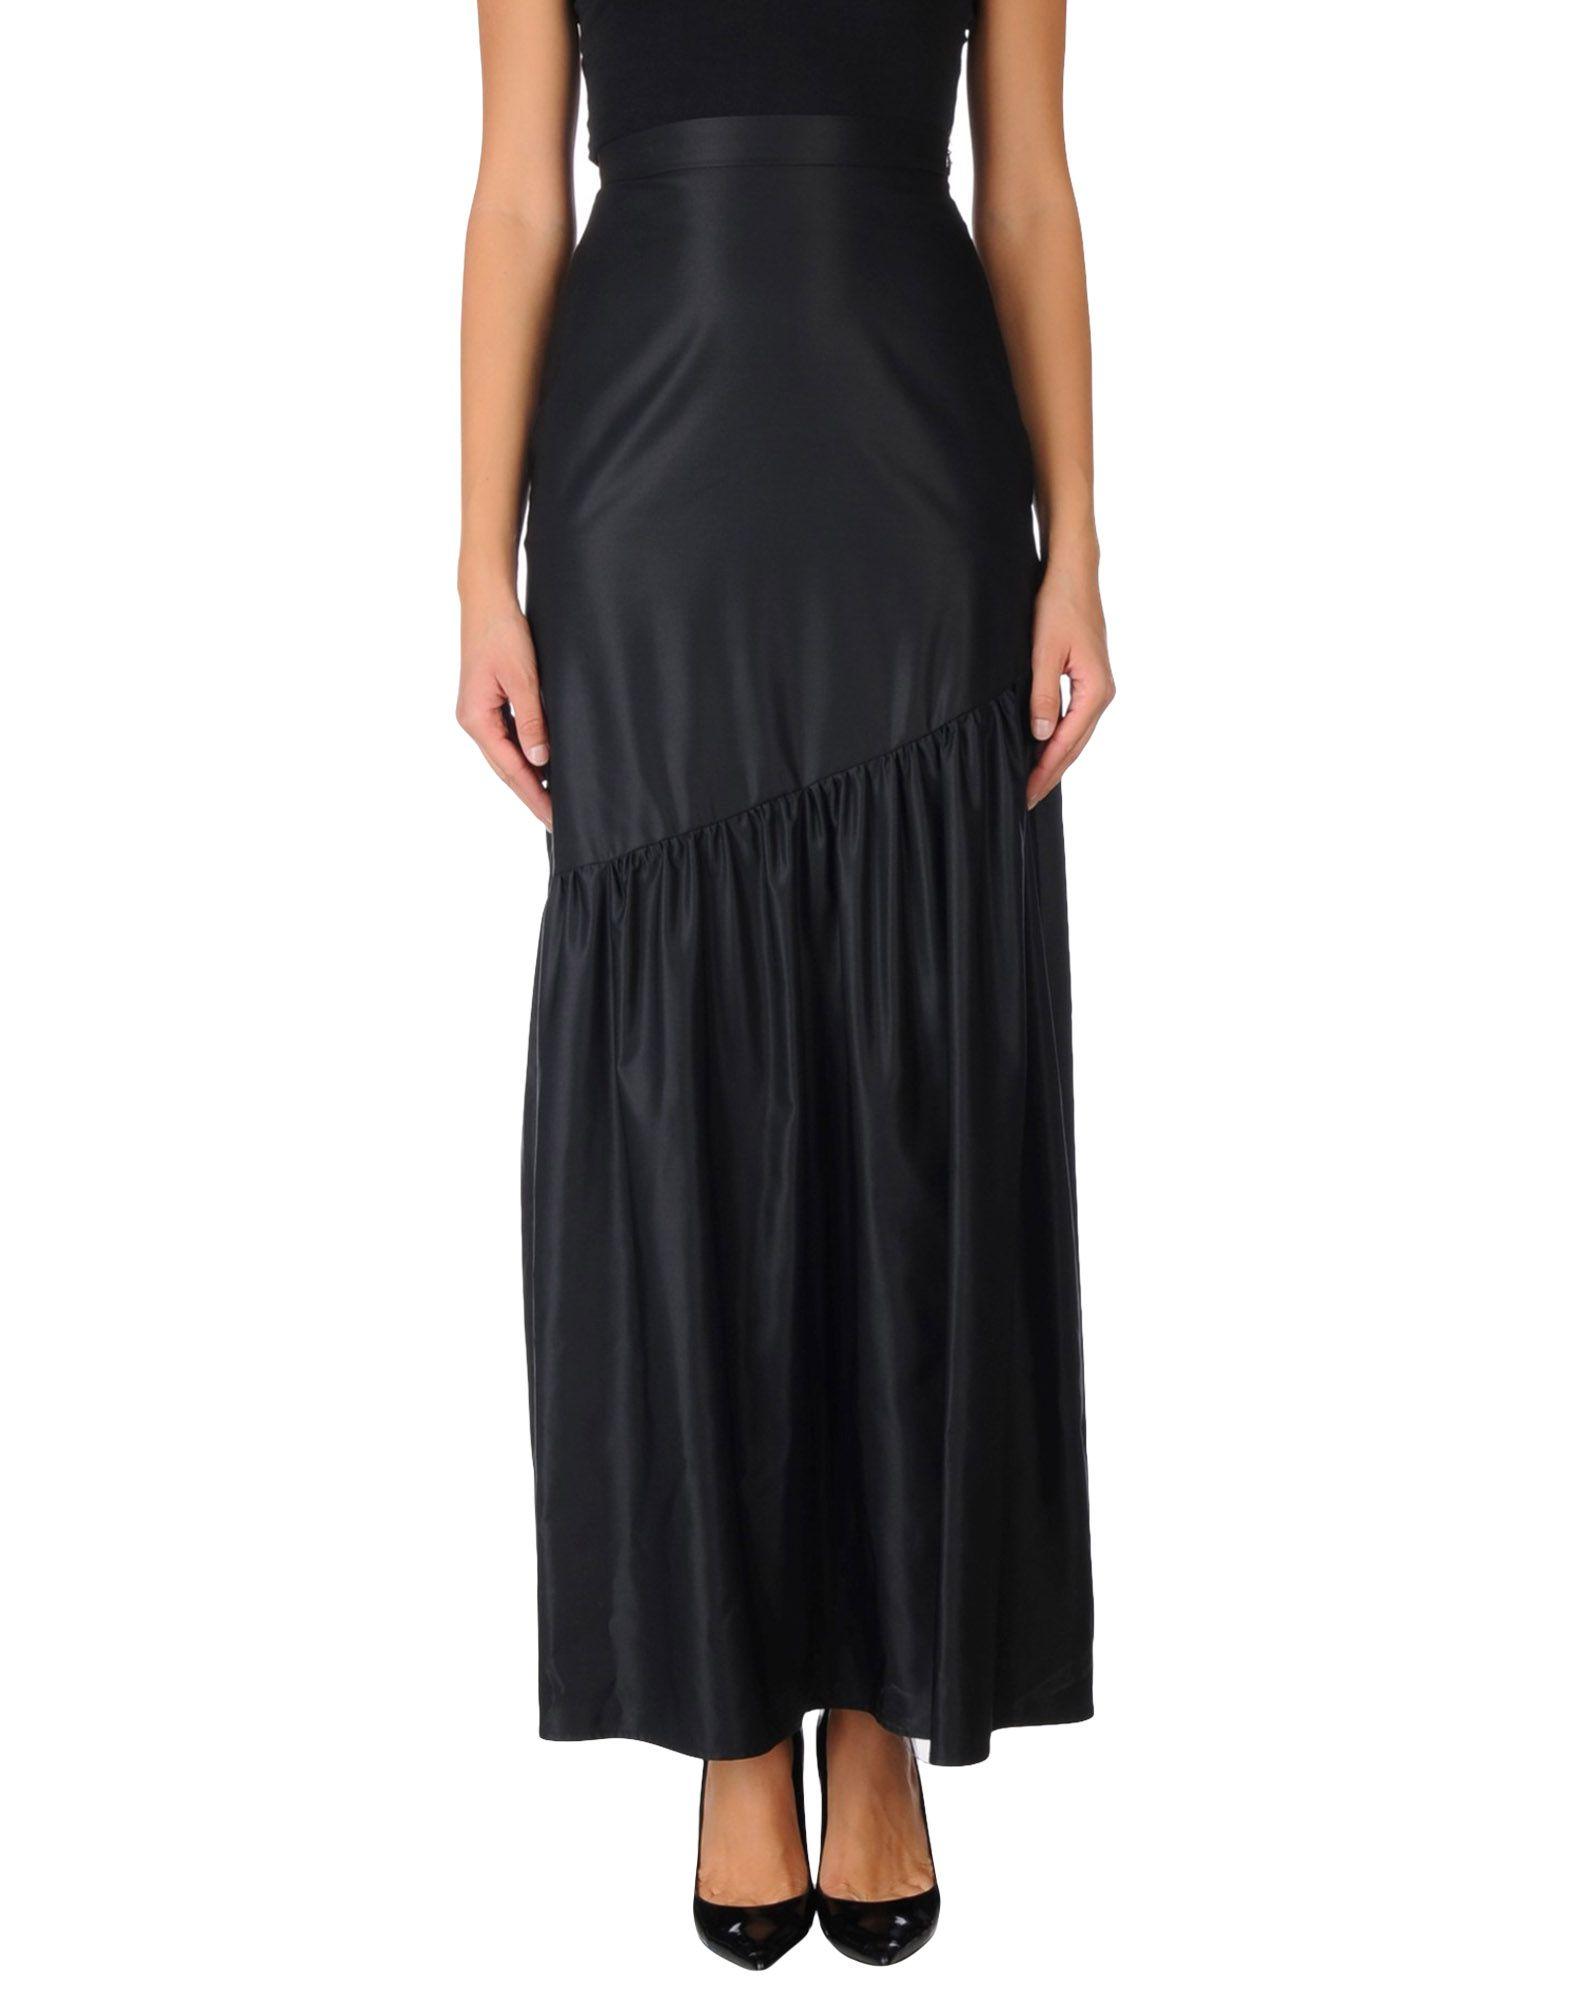 ФОТО rue•8isquit Длинная юбка